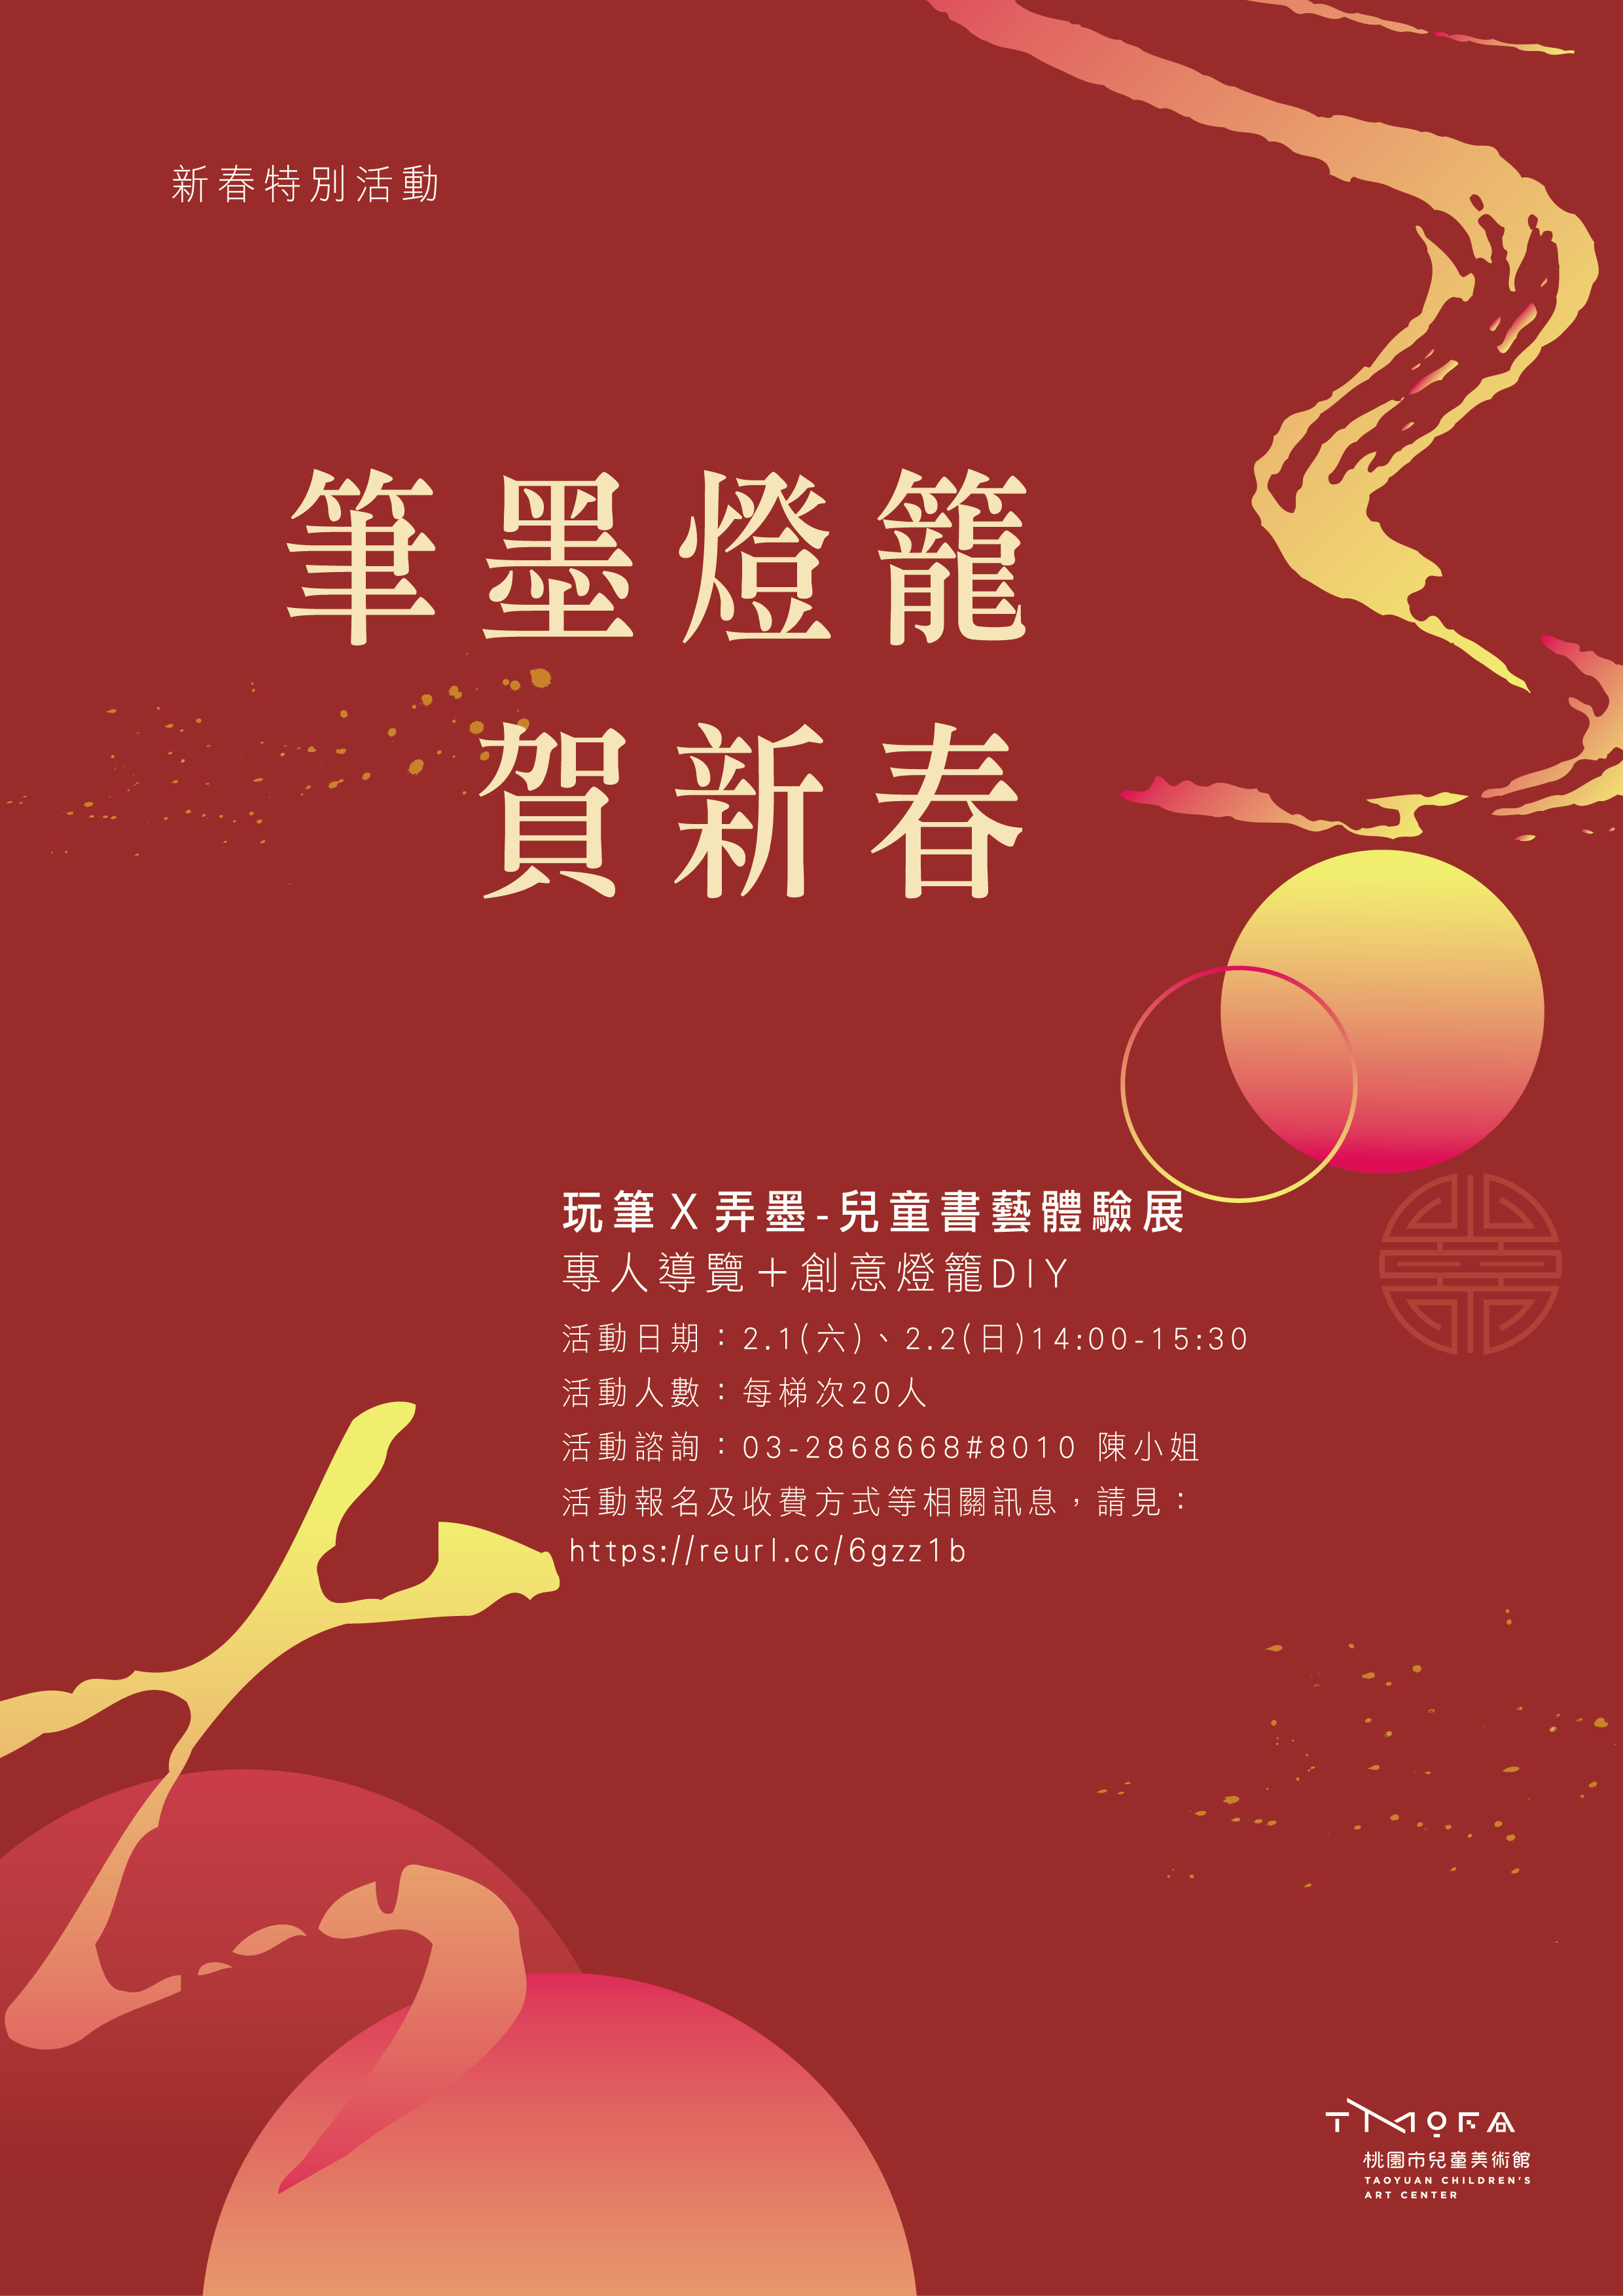 新春特別活動- 筆墨燈籠賀新春